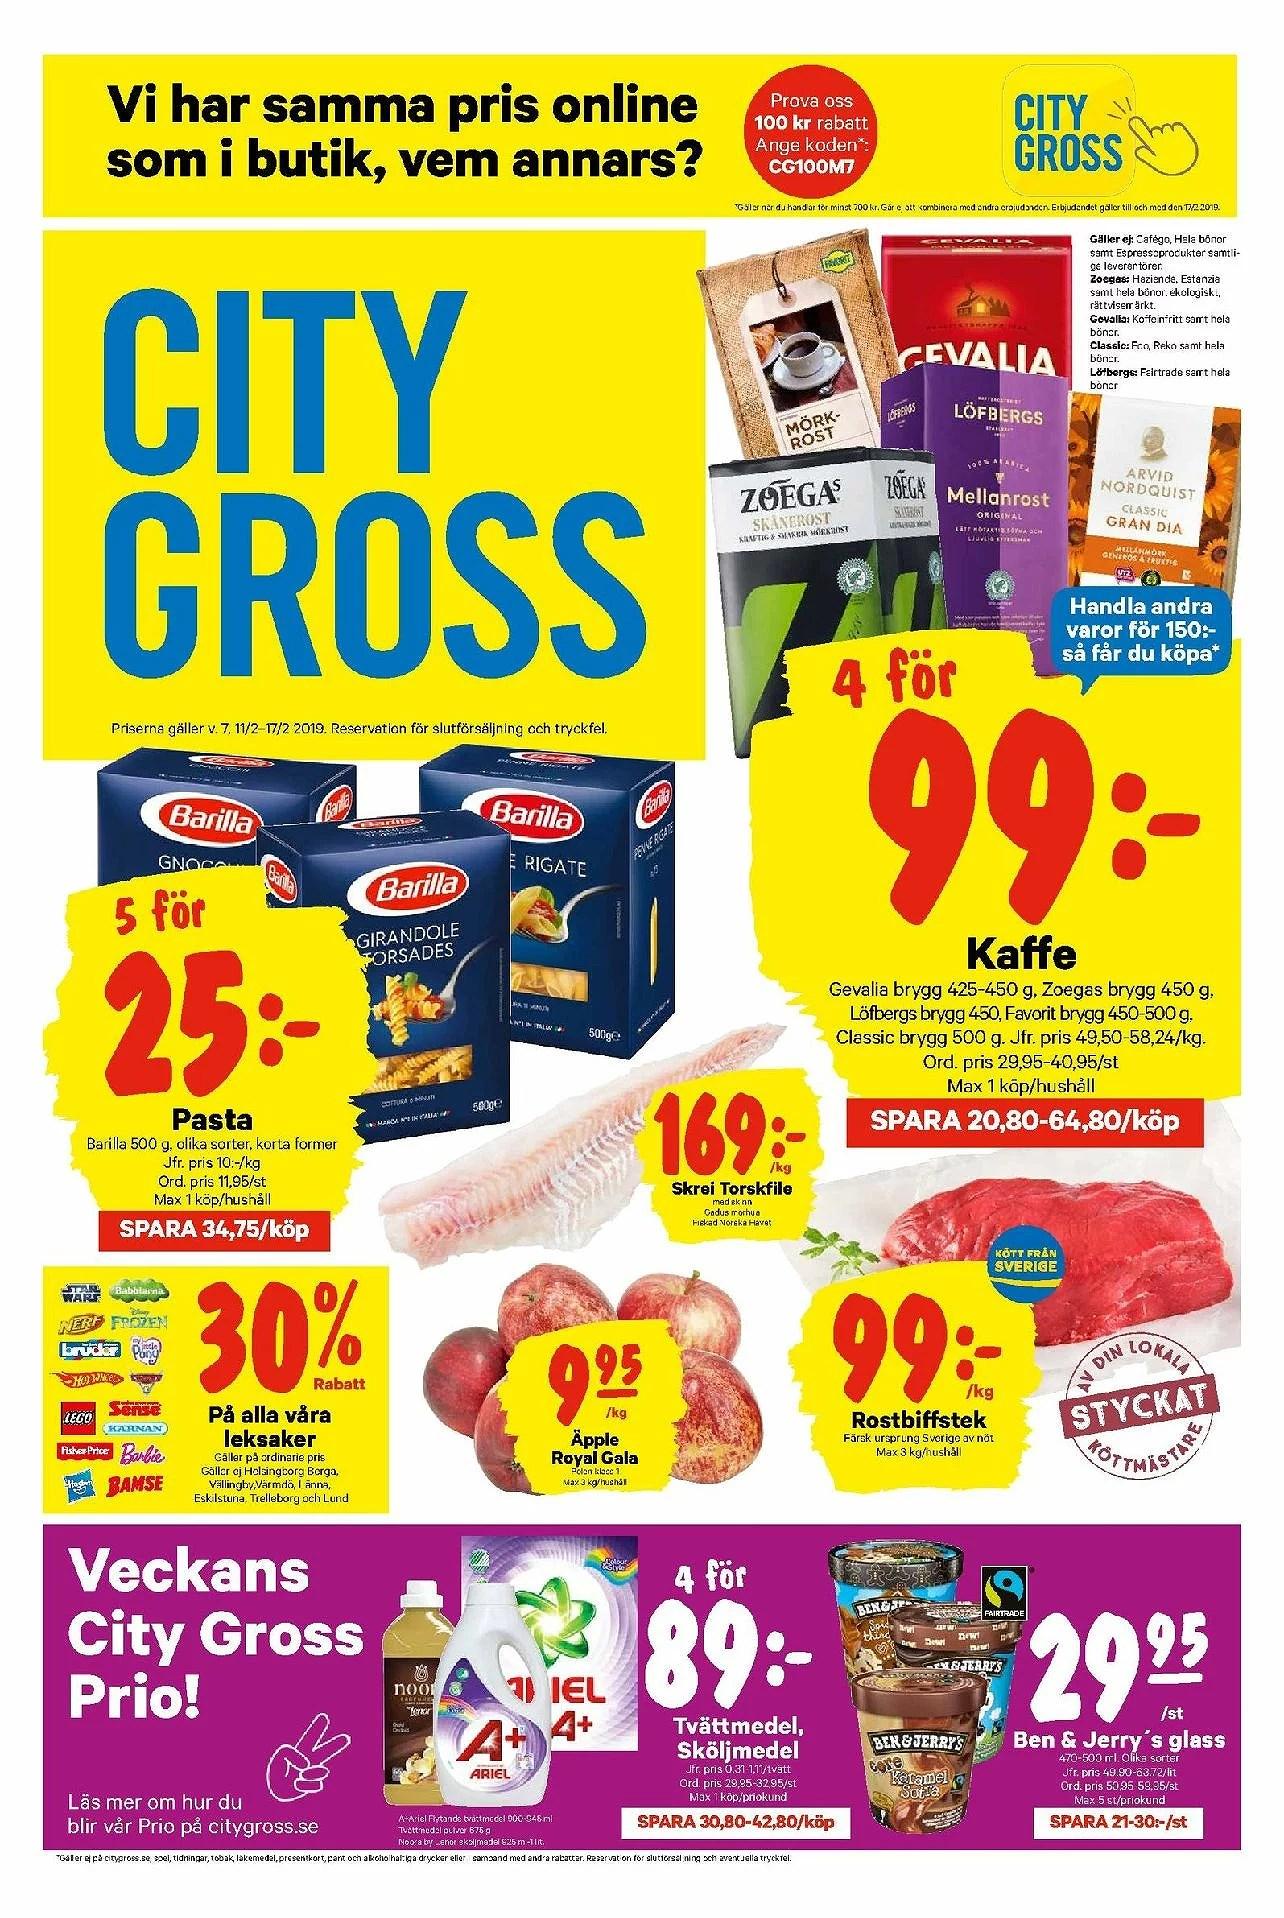 City Gross, äpple royal Gala 9,95kr kg, 30% rabatt på alla leksaker och annat